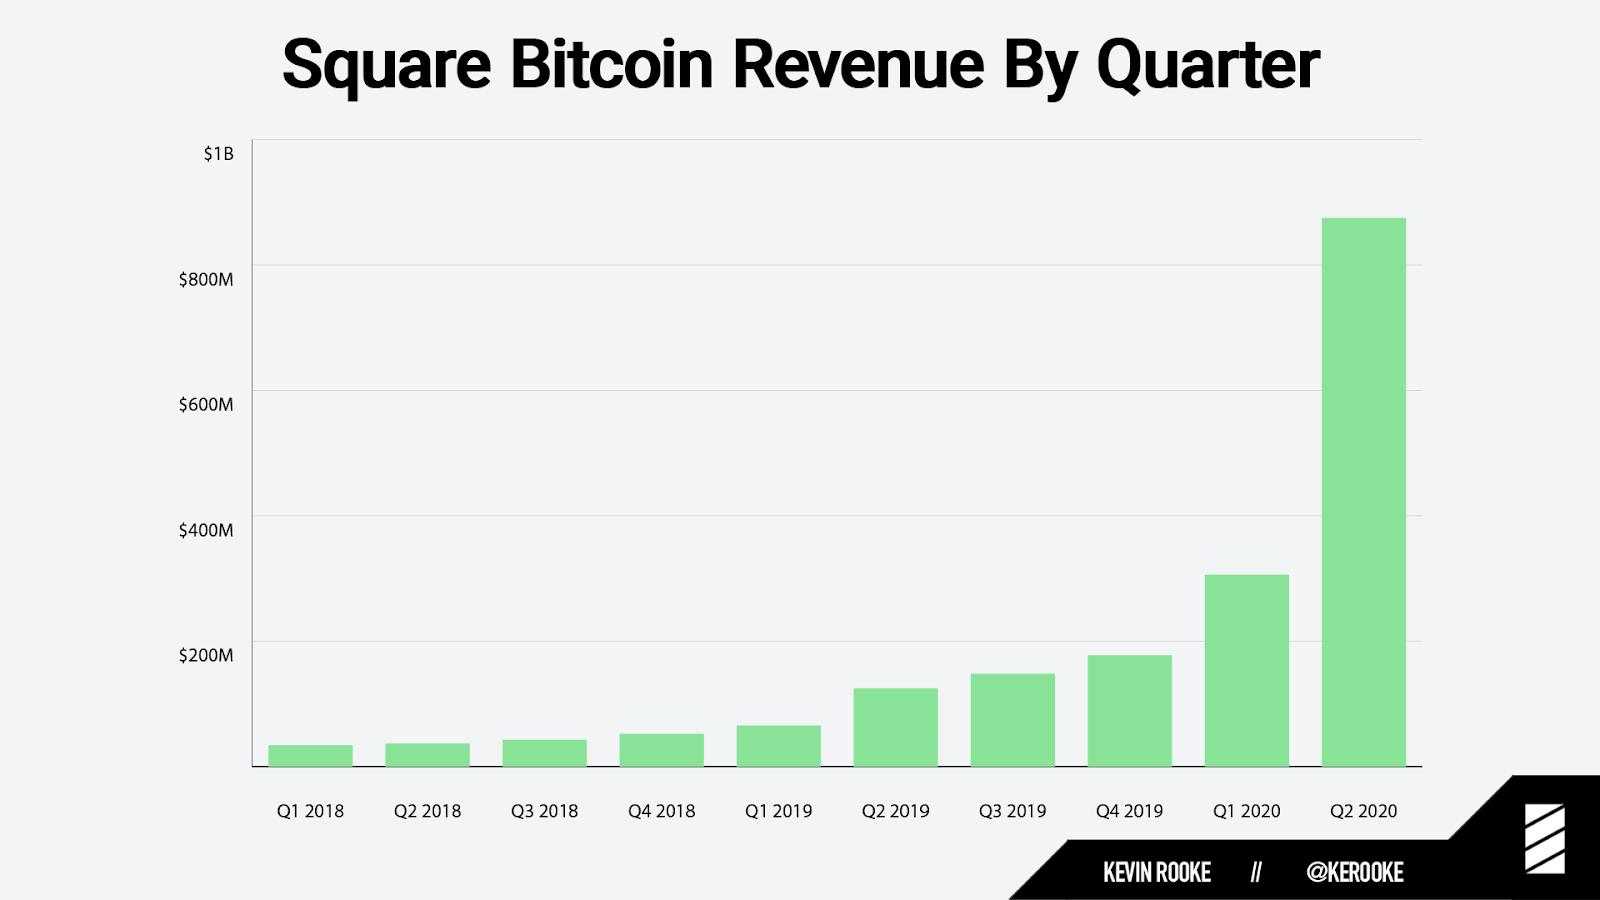 Square quarterly Bitcoin revenue